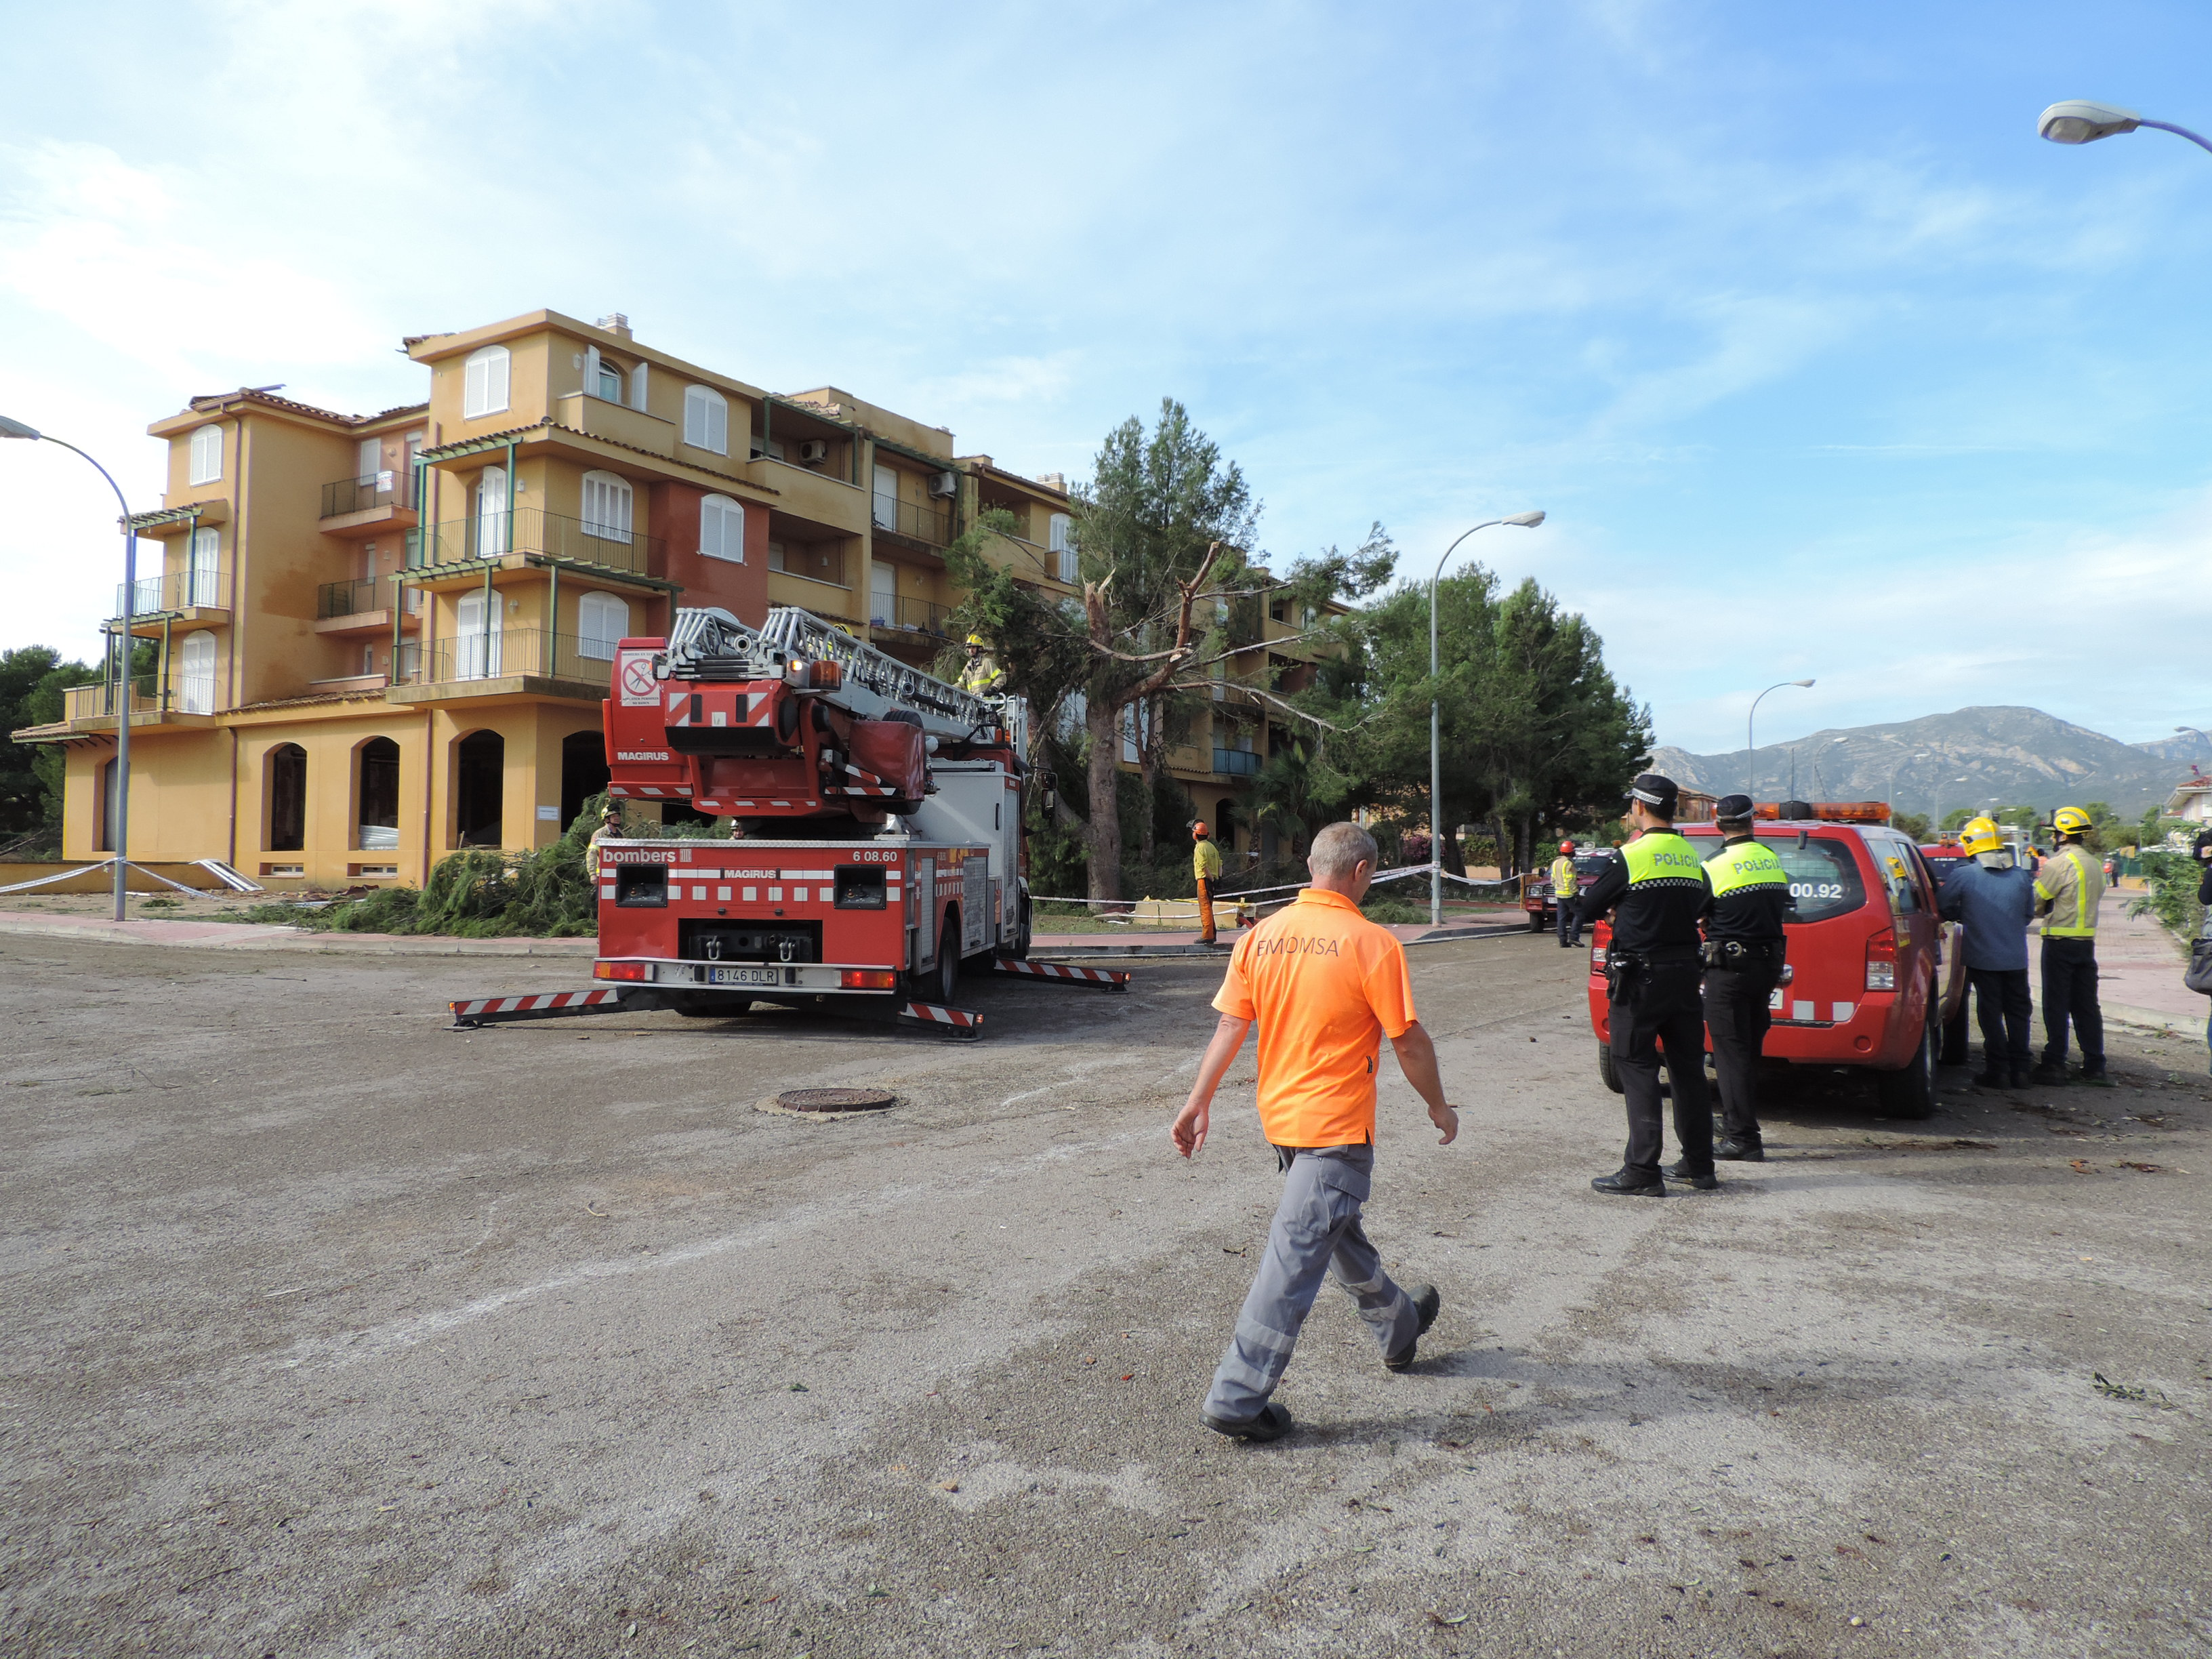 Cossos de seguretat i brigades municipals es coordinen per restablir normalita